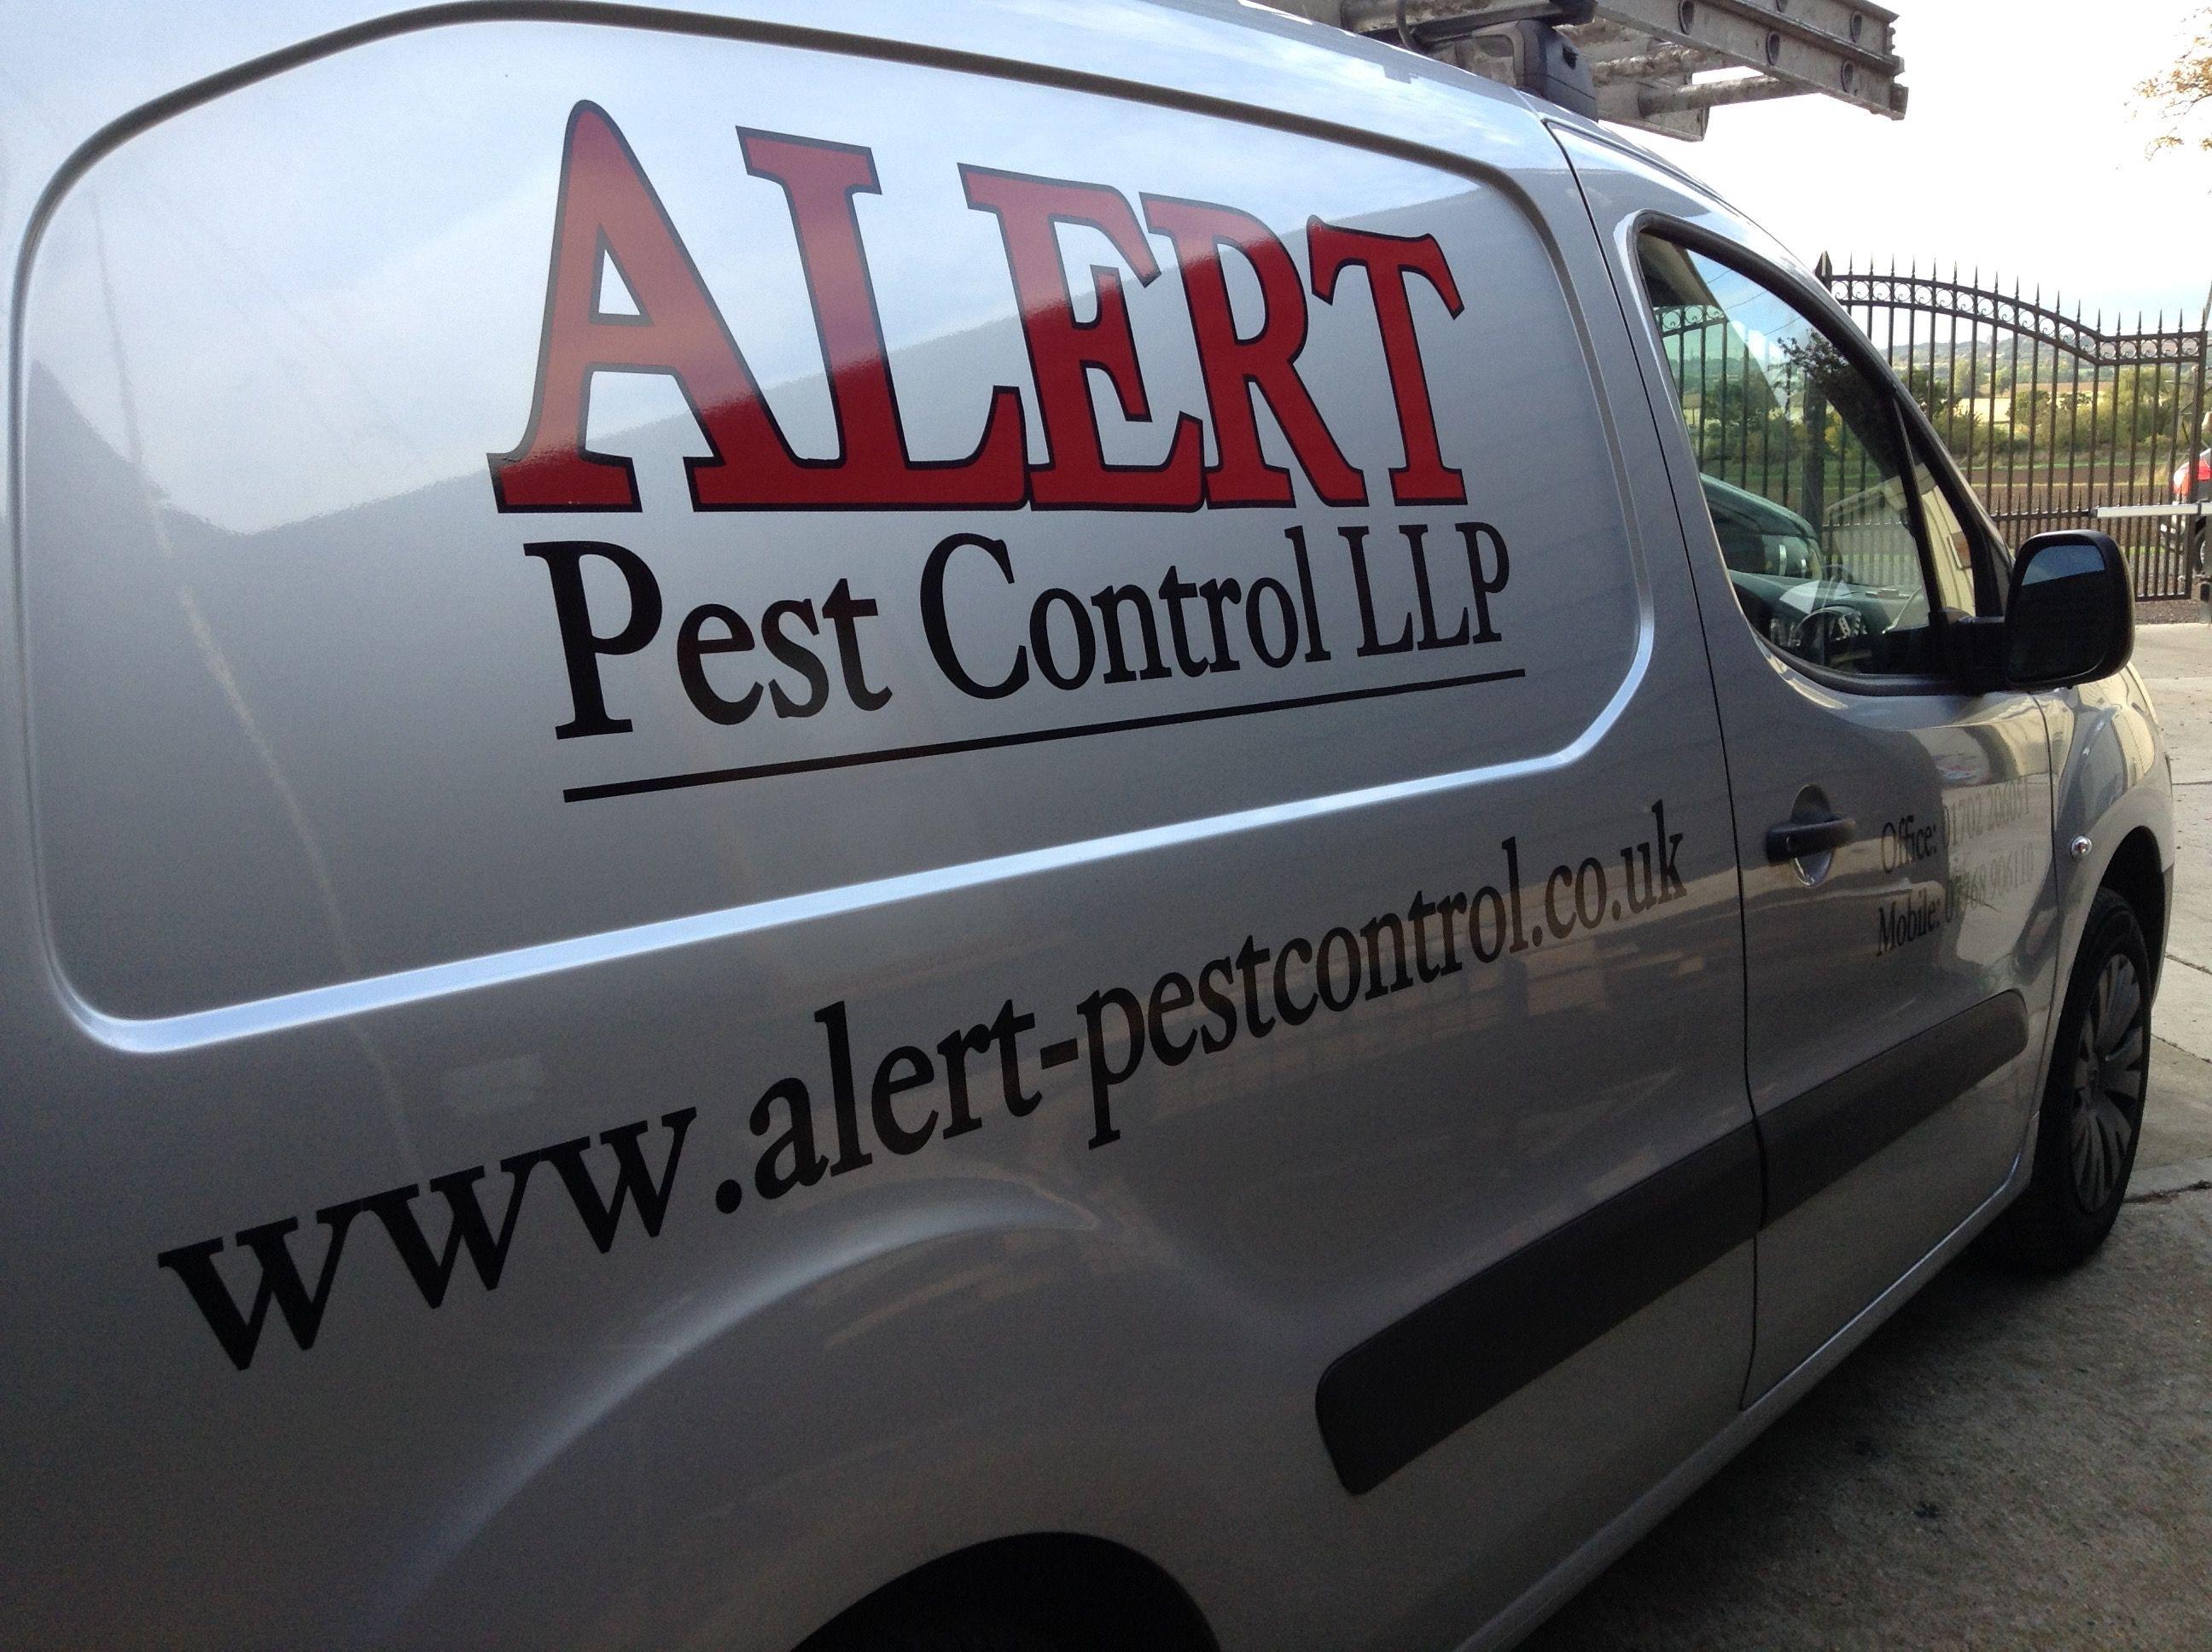 Pest Control Van Signage. Pest Control Van Signage   BizImage Vehicle Signage   Pinterest